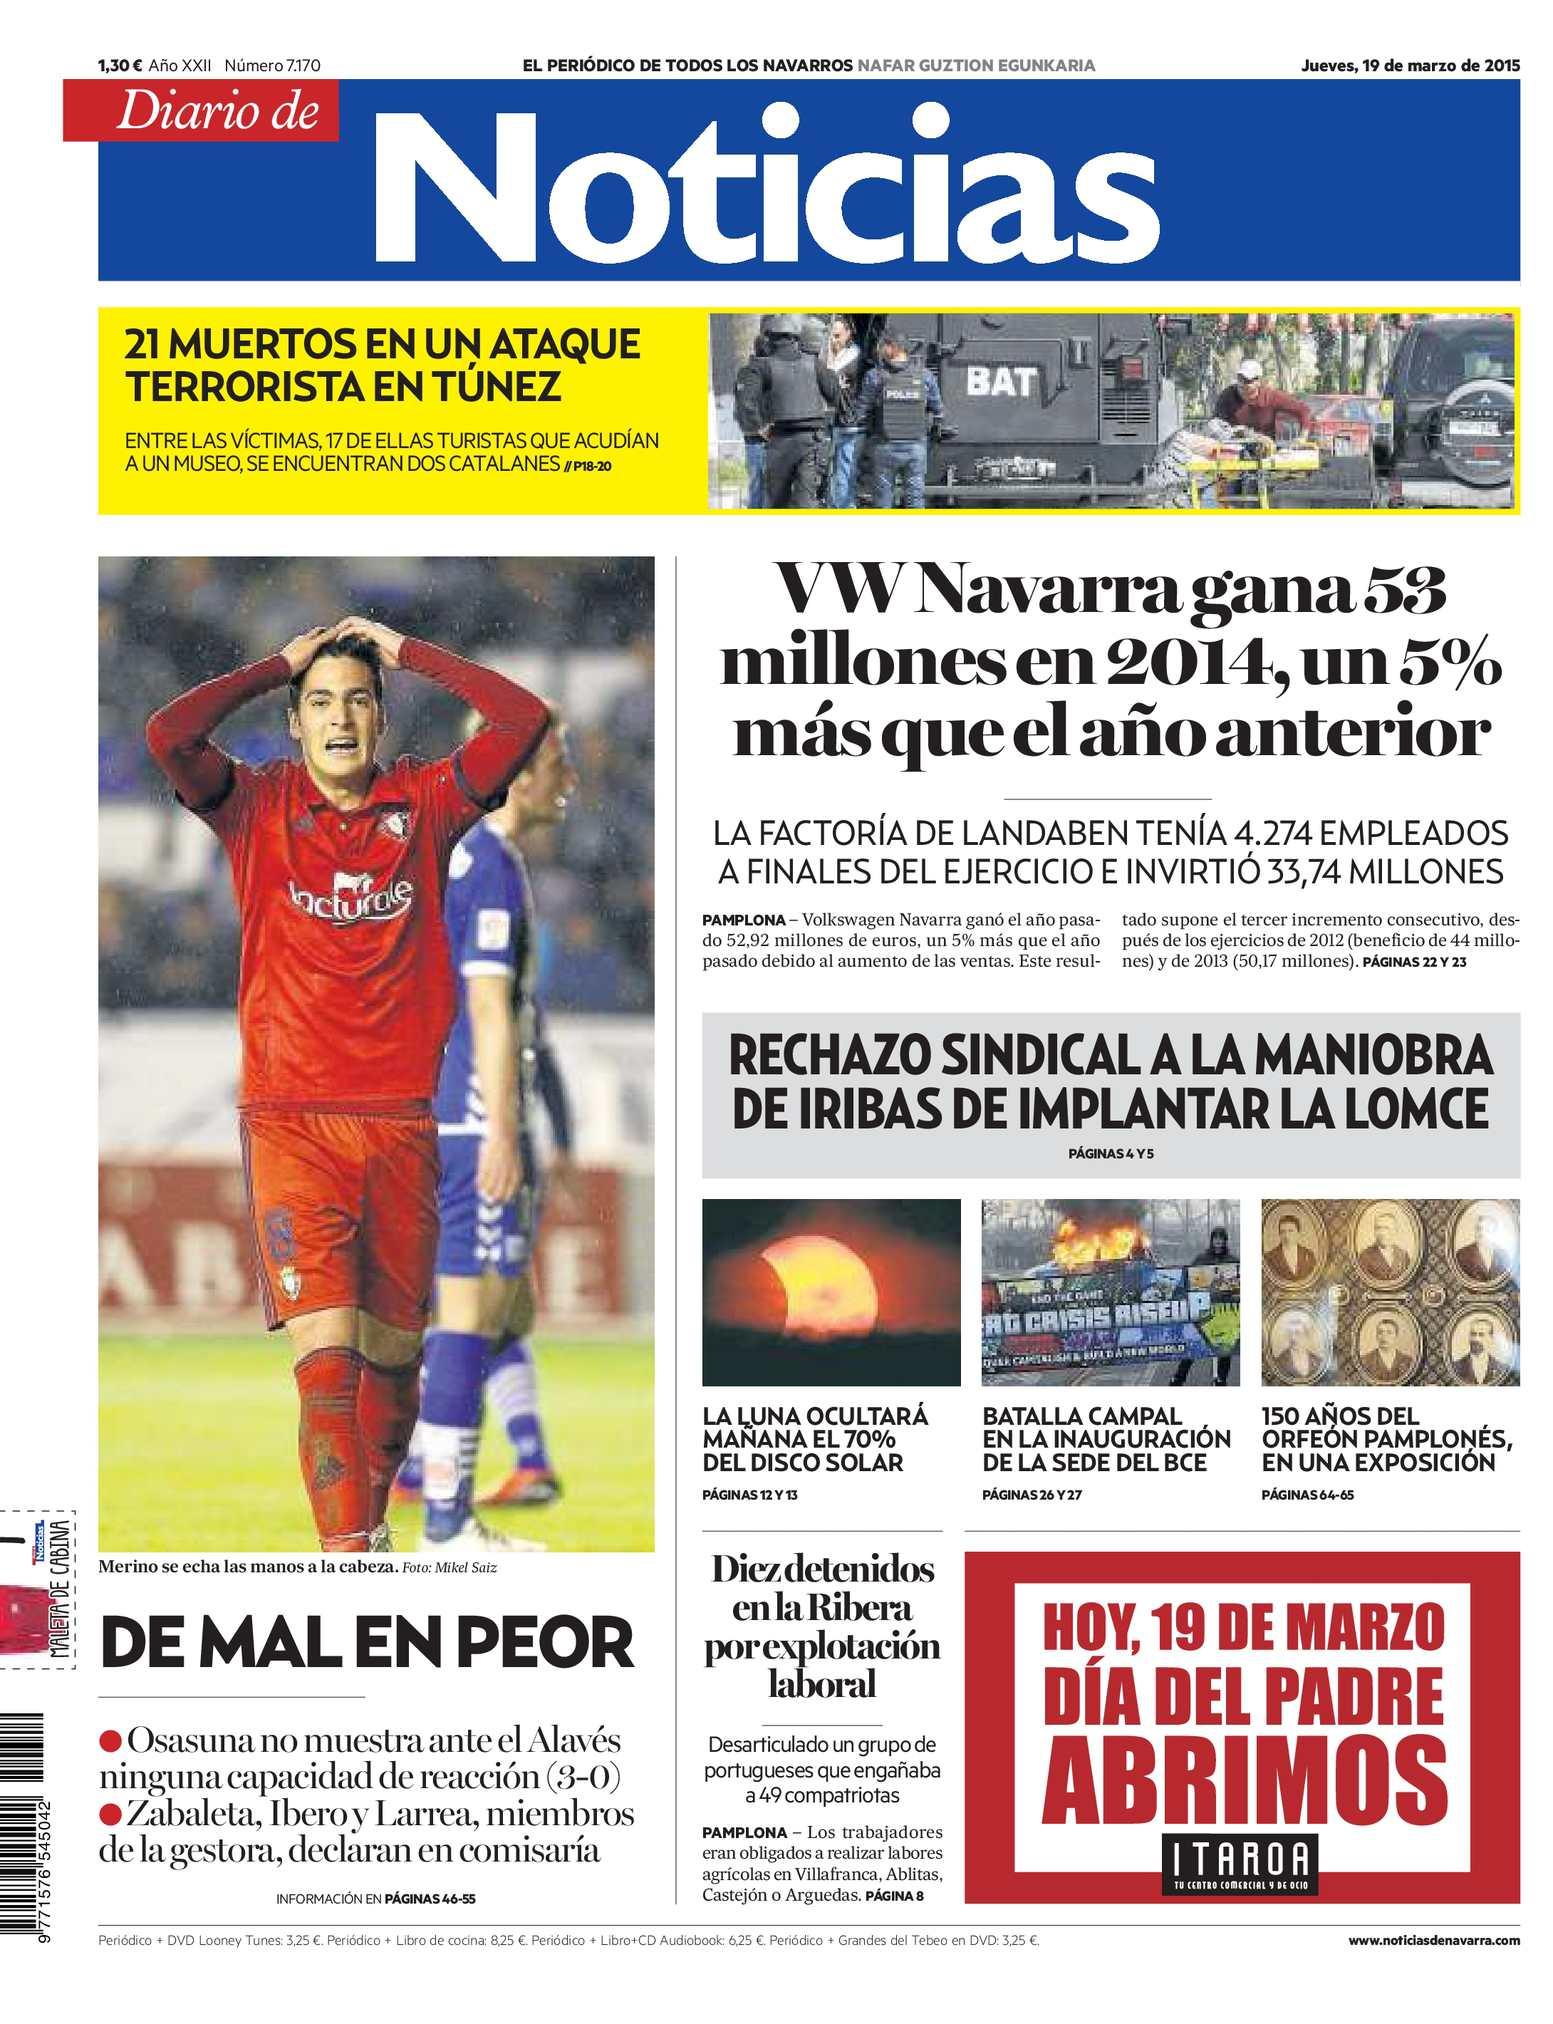 Calaméo - Diario de Noticias 20150319